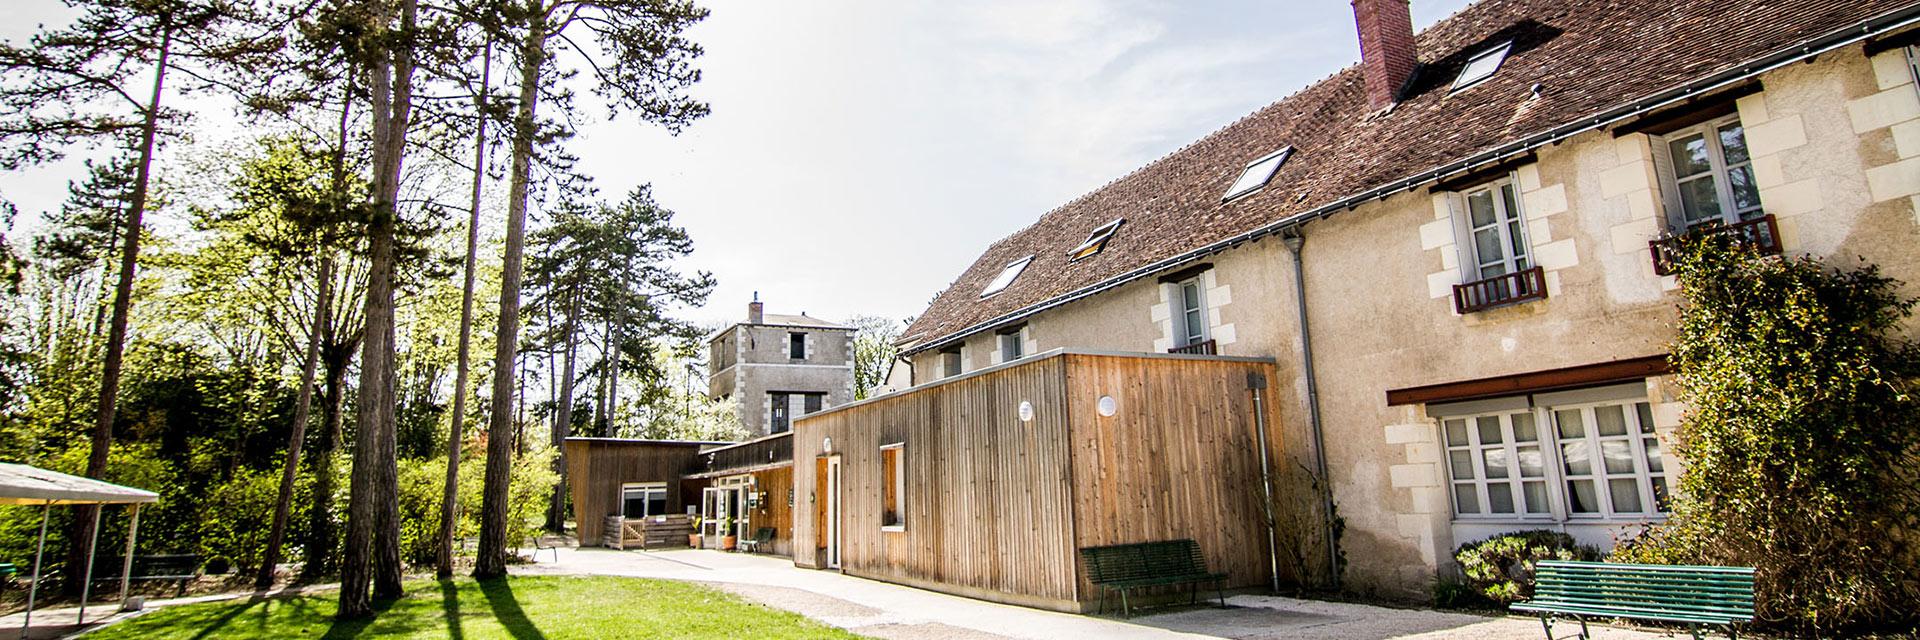 village-vacances-la-saulaie-cap-france-vue-exterieure